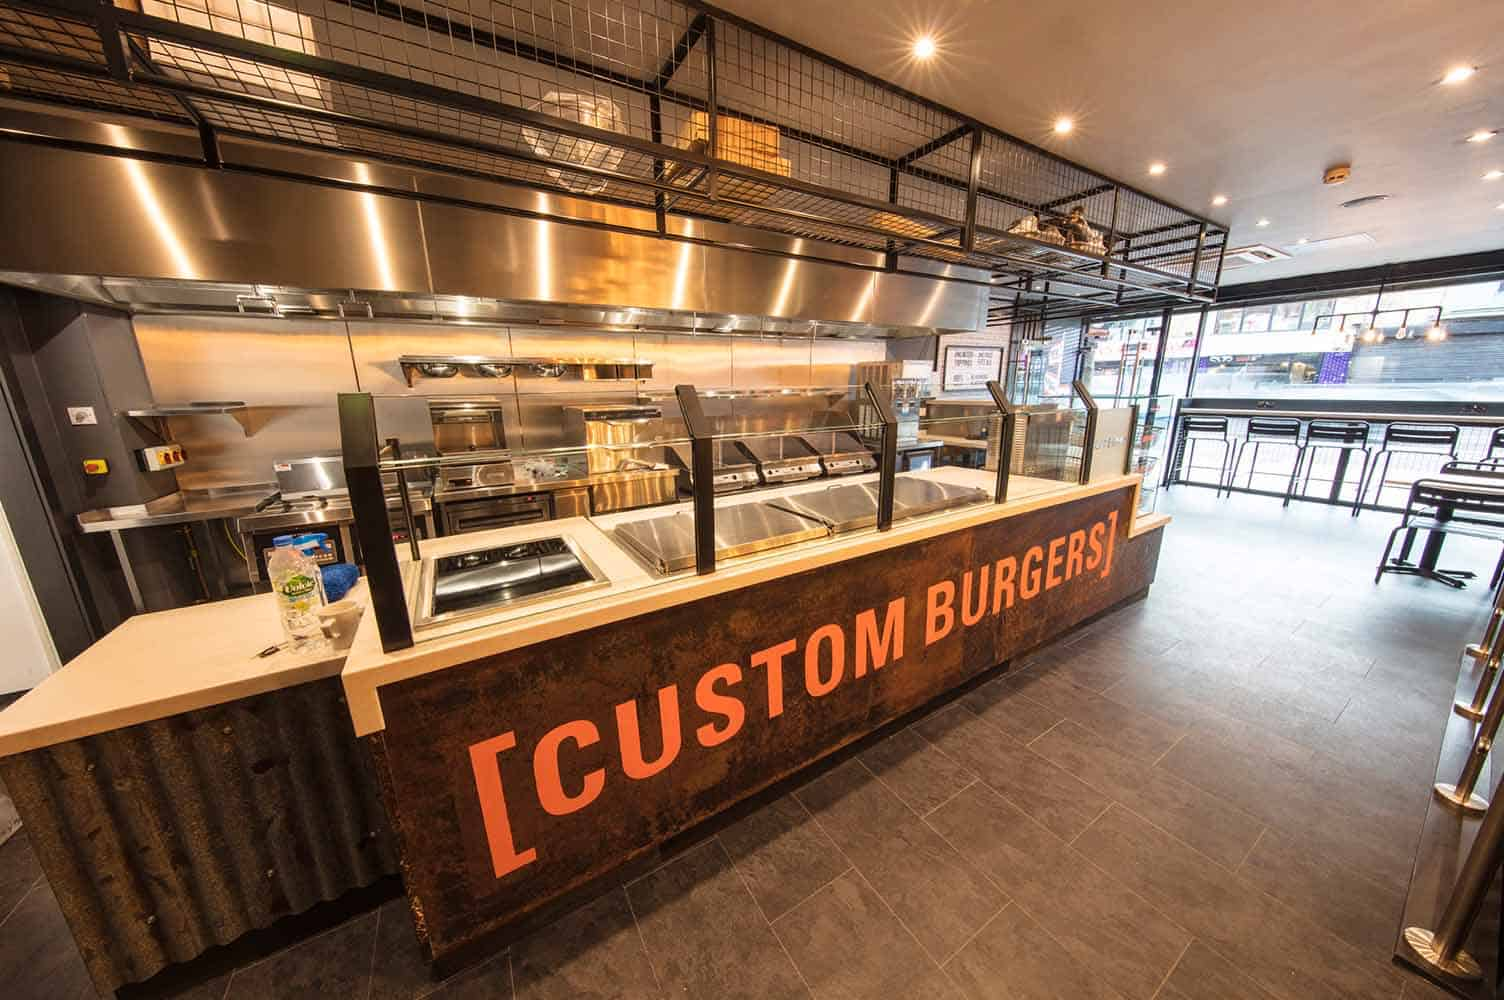 Built Custom Burgers